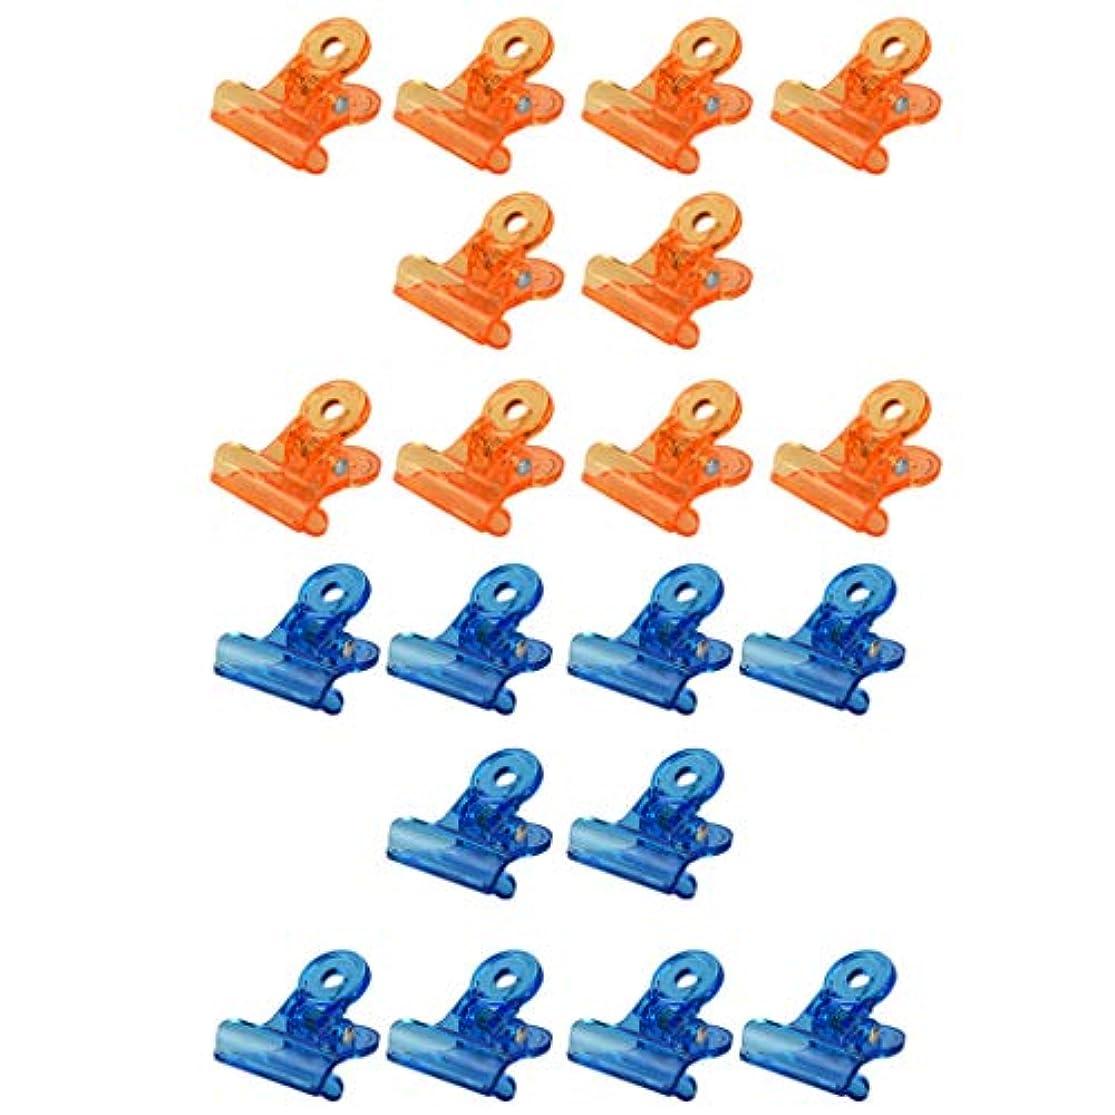 スポンジ新聞くちばしDYNWAVE ジェルネイルポリッシュ クリーナー ネイルクリップ ネイルアート アクリル 20個セット 全3種 - オレンジ+ブルー